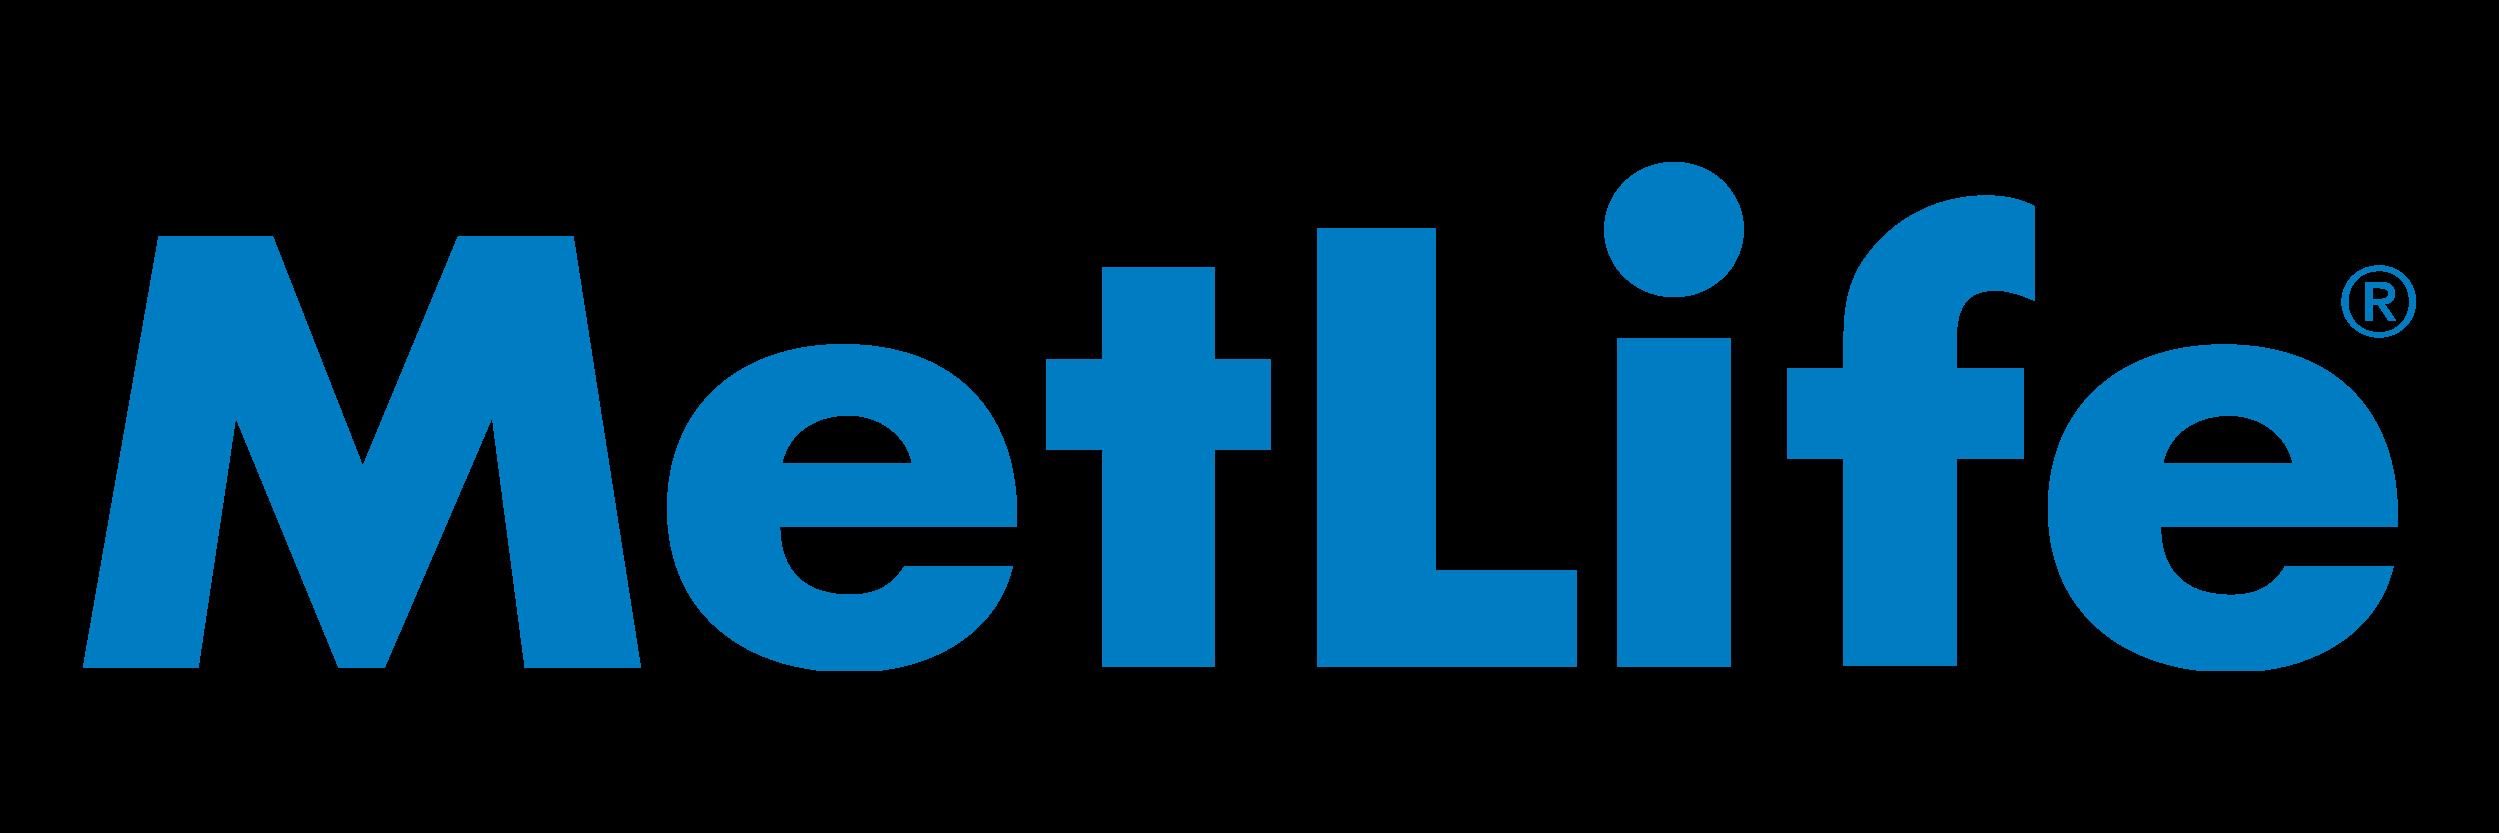 MetLife Logo Wallpaper